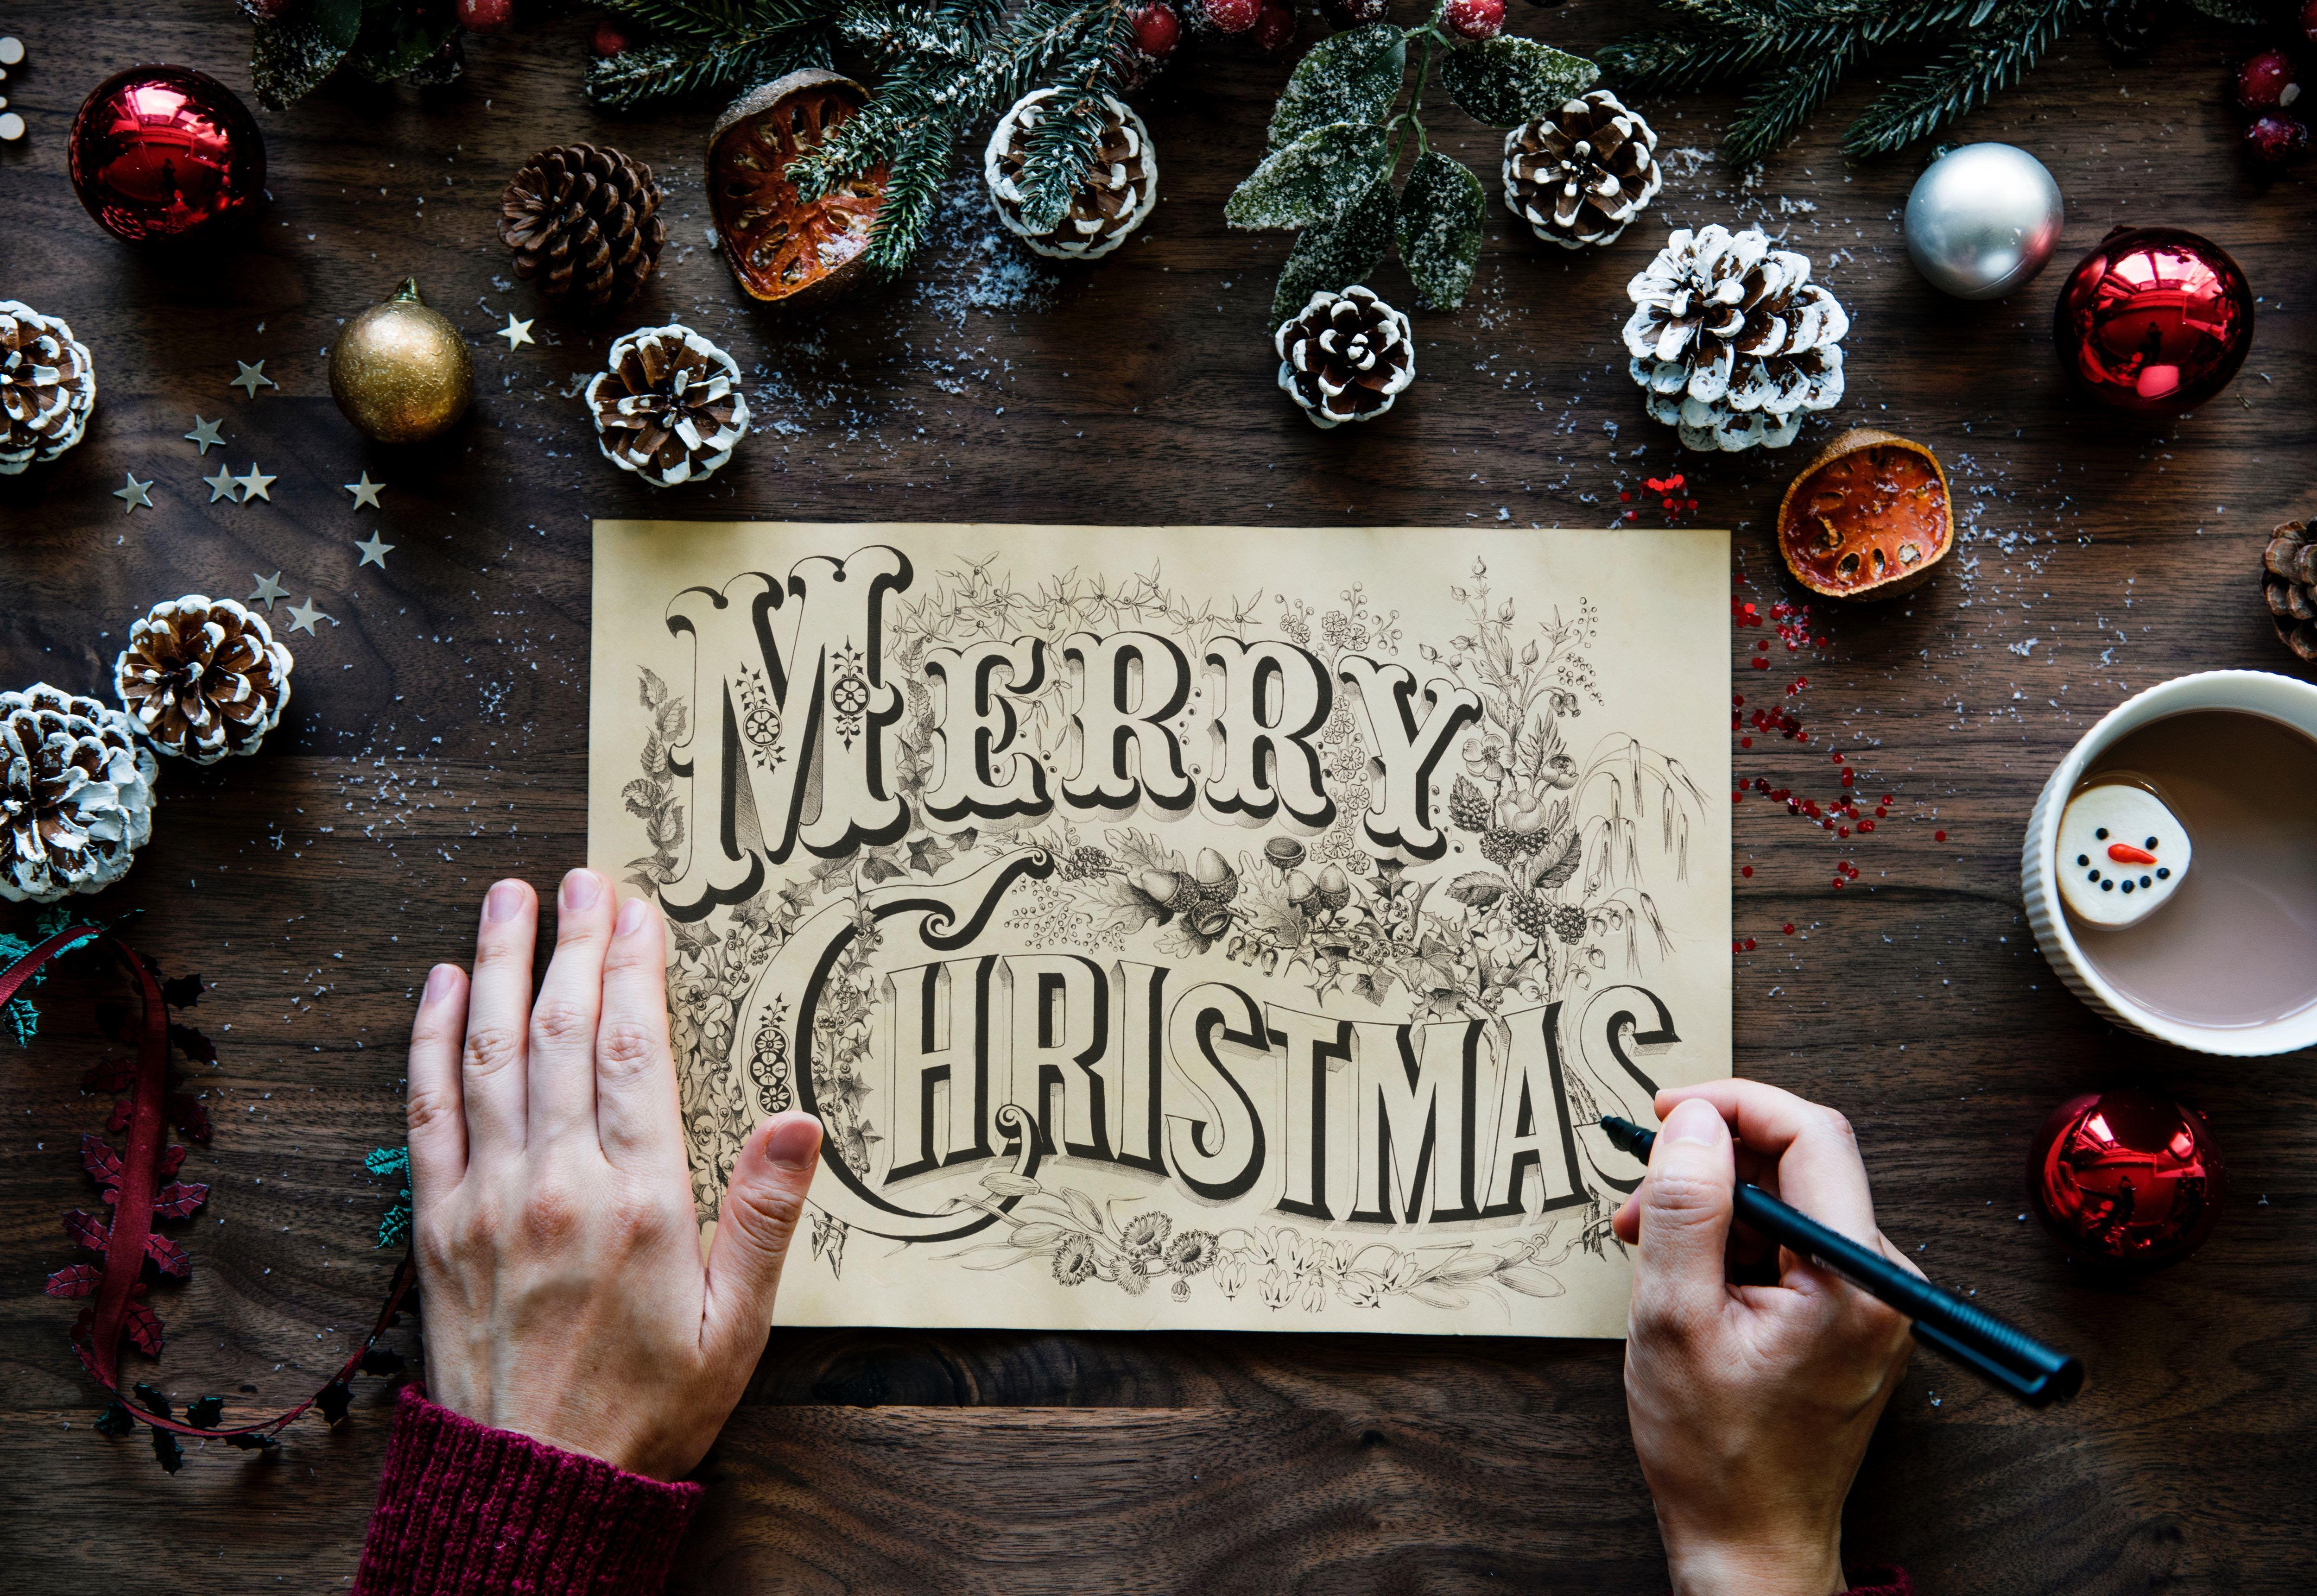 Christmas  Eve03X0Sjqi